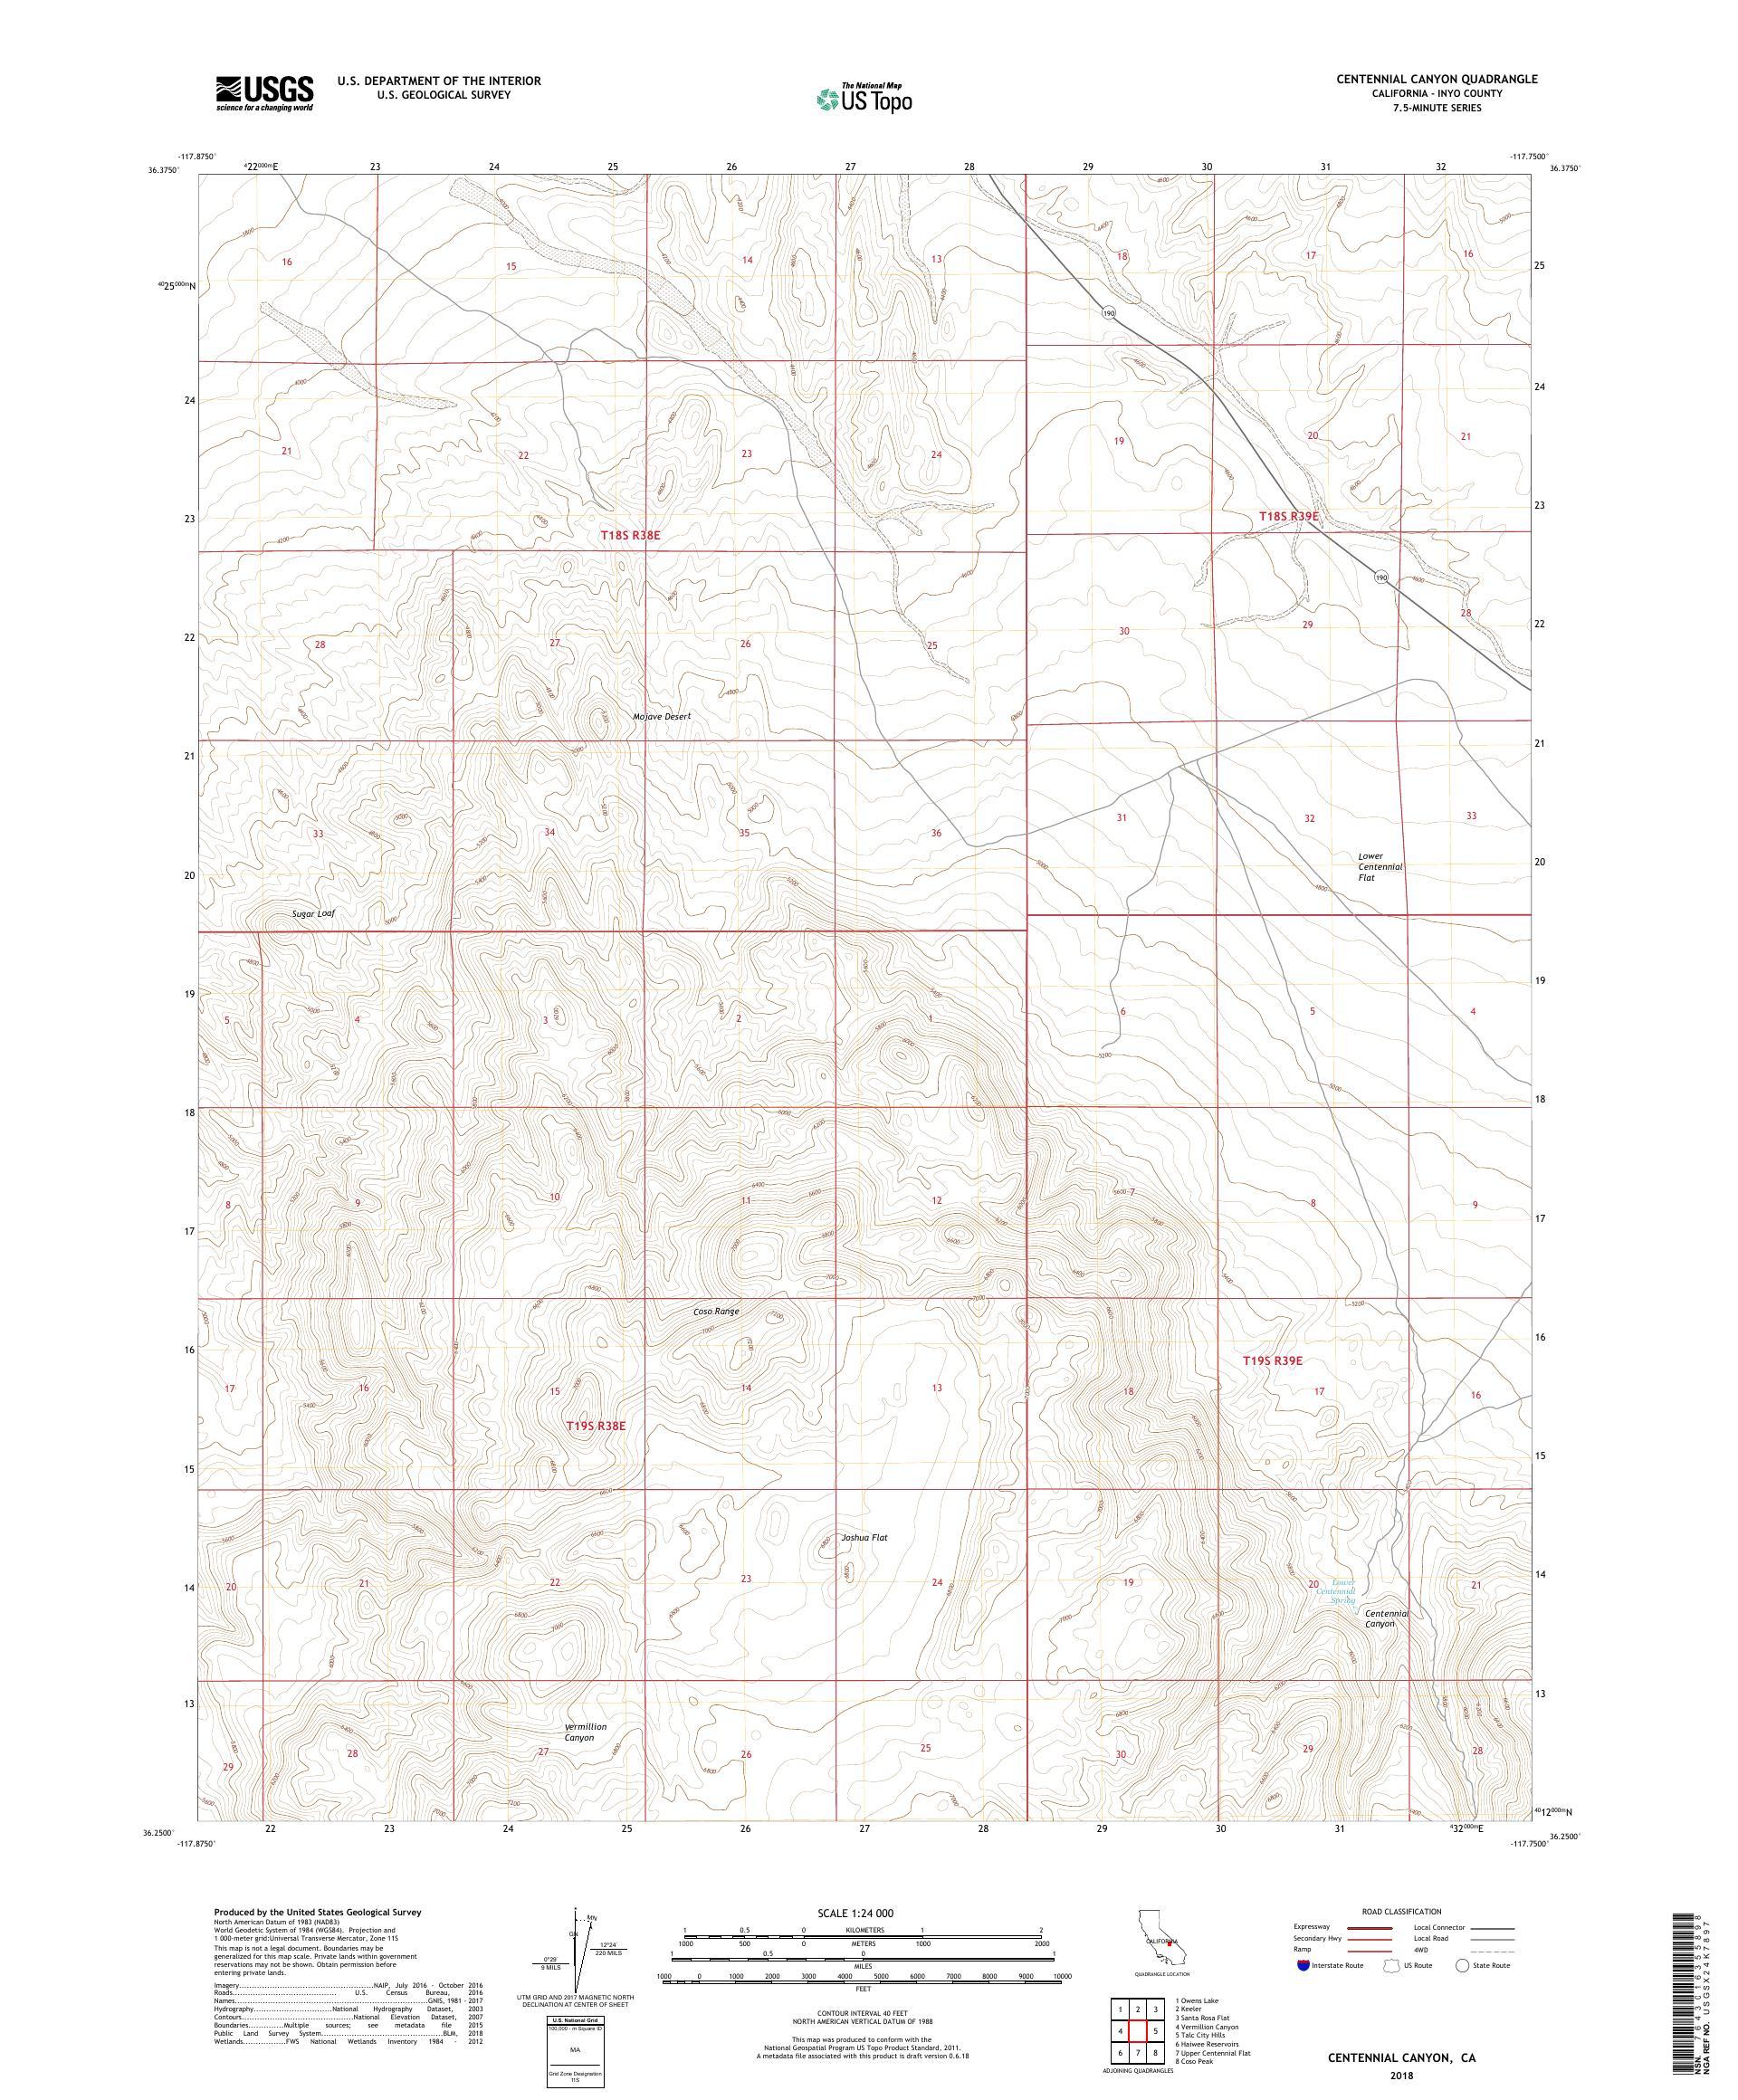 MyTopo Centennial Canyon, California USGS Quad Topo Map